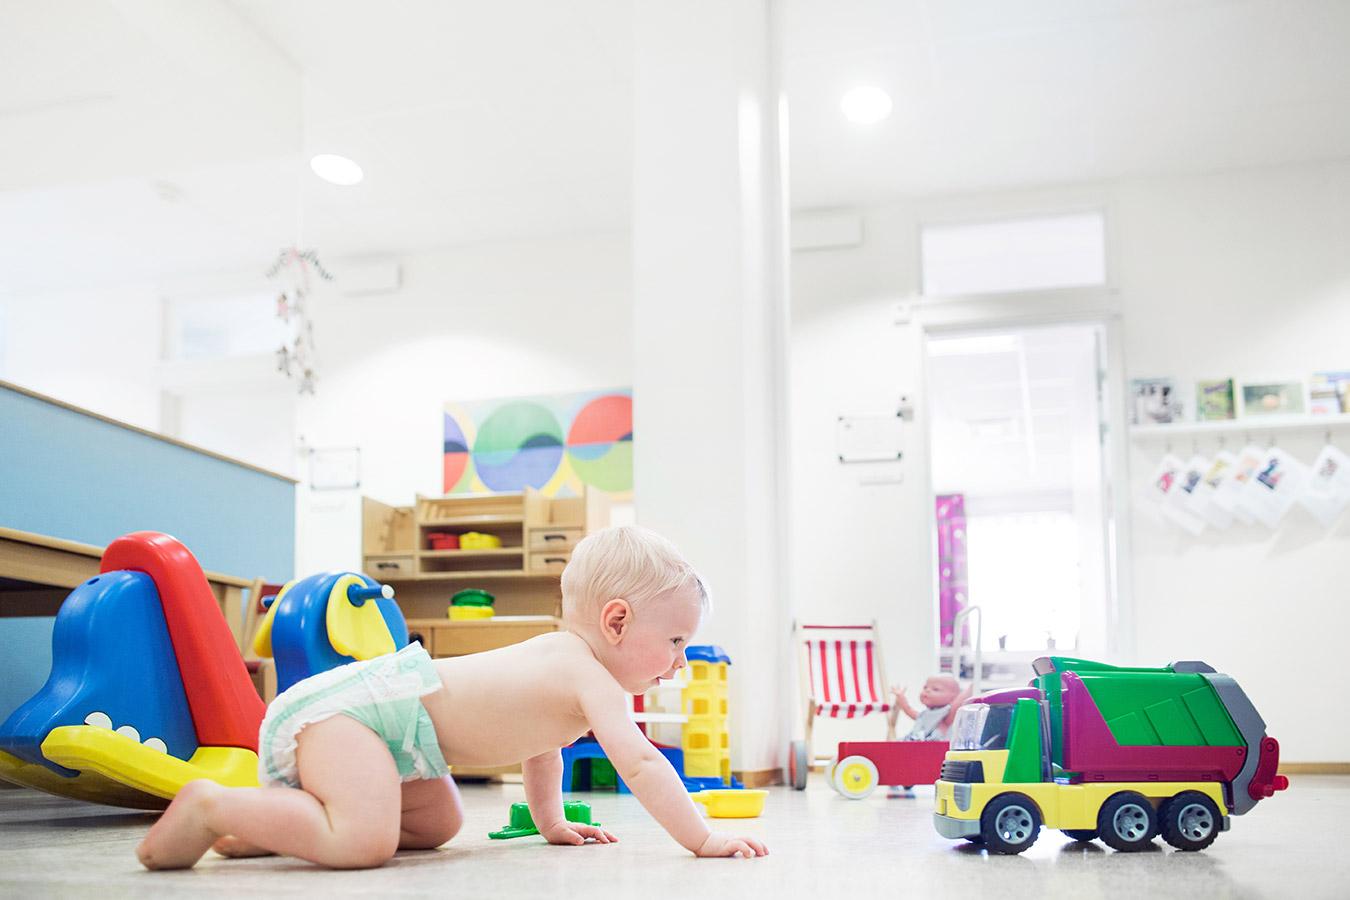 31 tygodniowe dziecko – Jak wygląda 31 tydzień życia dziecka?